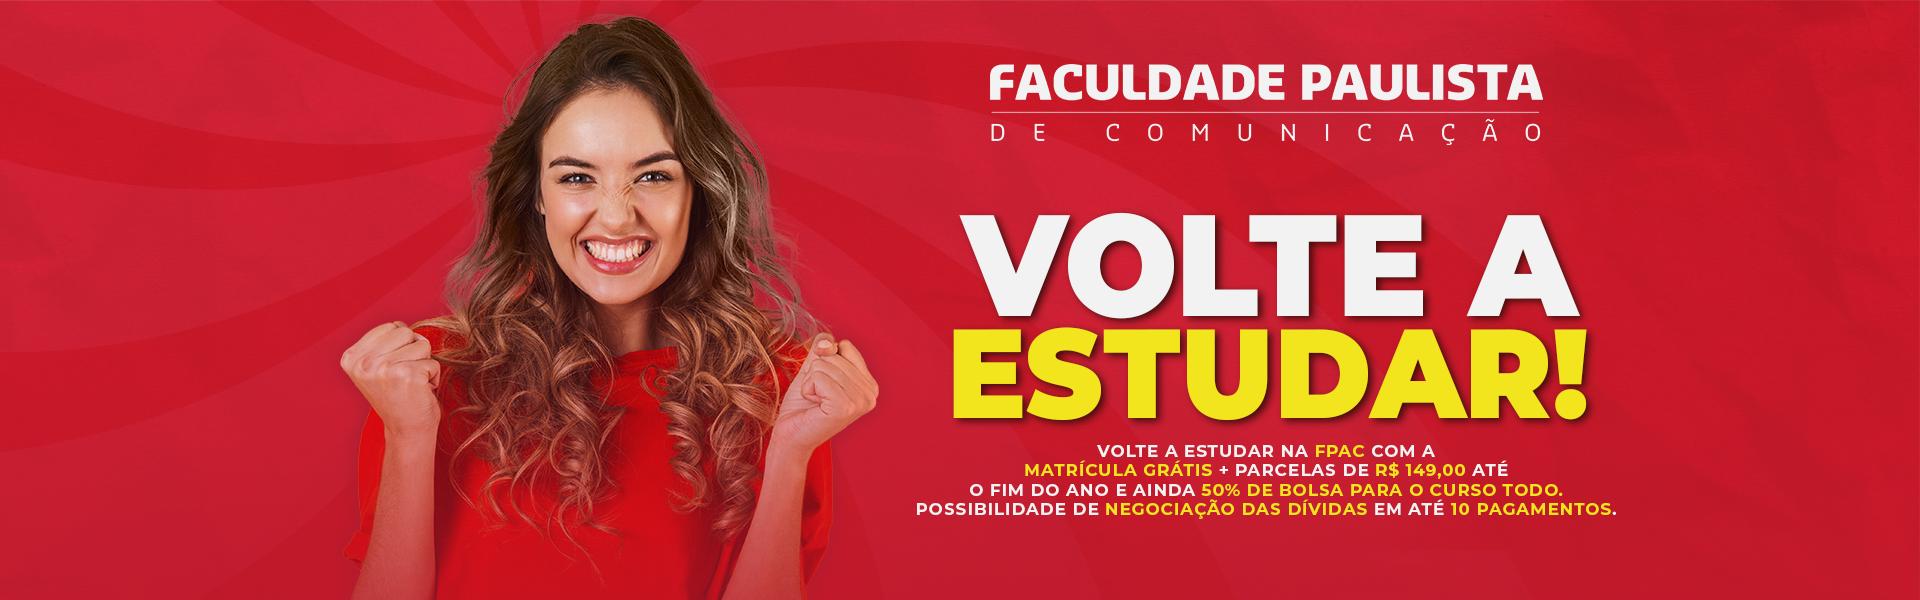 Banner-FPAC-VOLTE A ESTUDAR